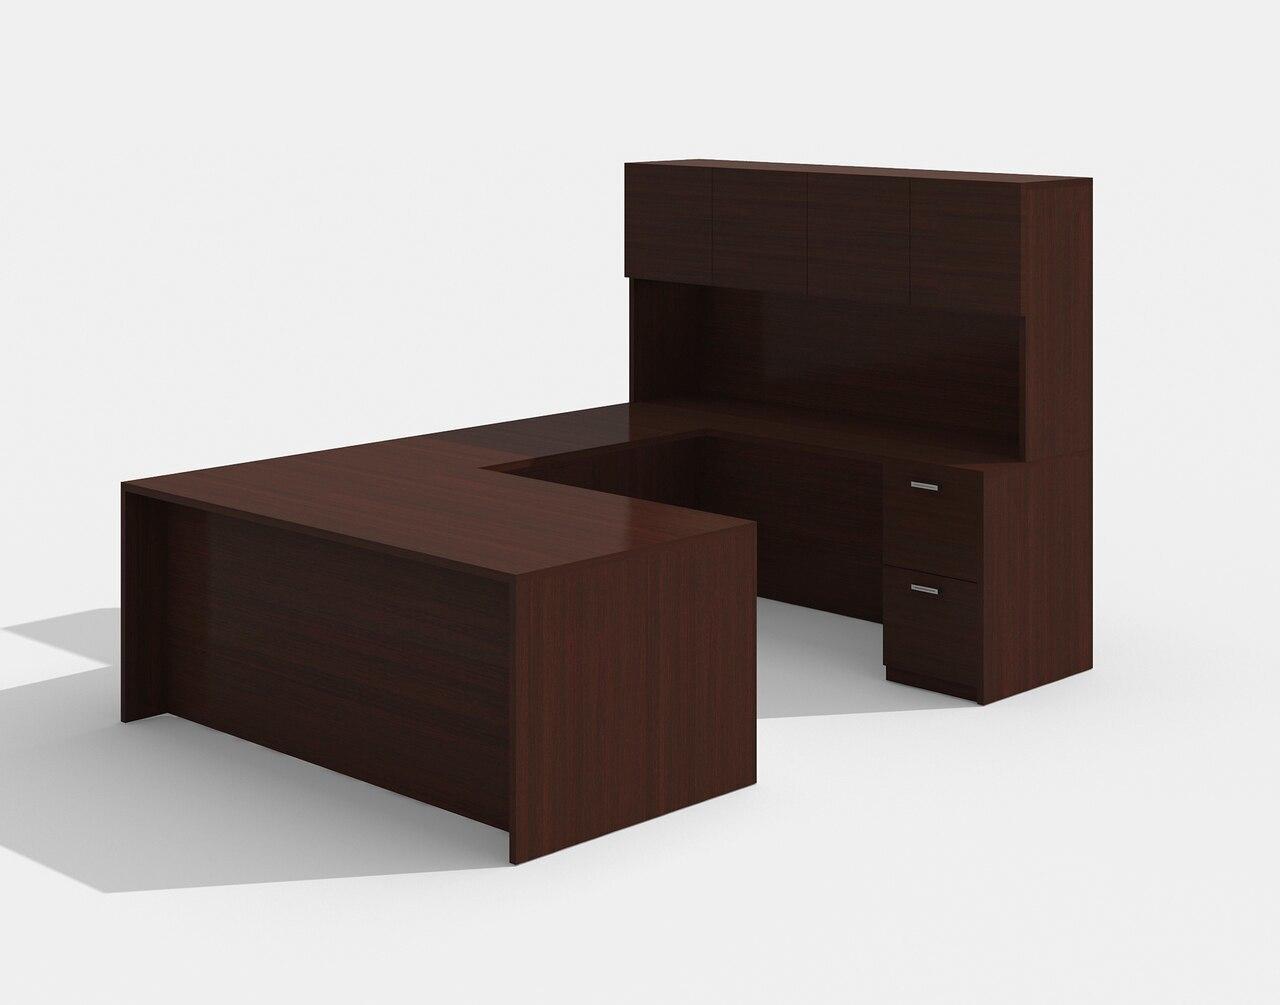 am-422n amber u desk with hutch in mahogany